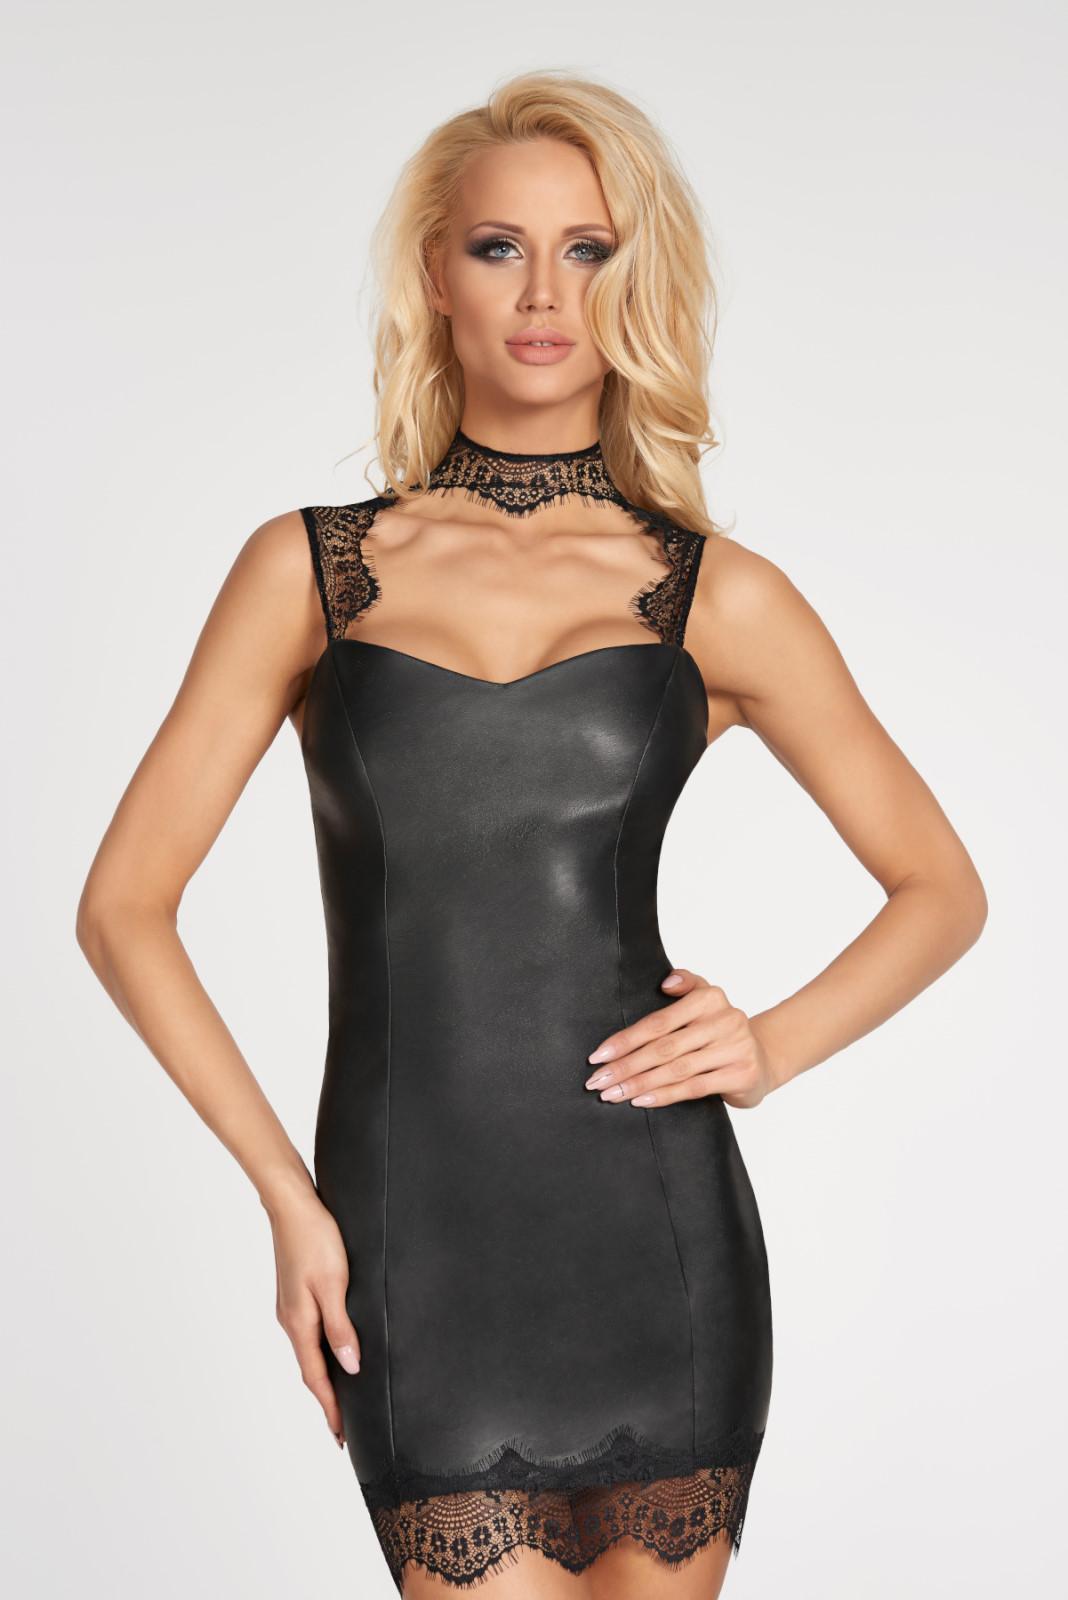 Mini robe wetlook noire Nazca  - 7Heaven